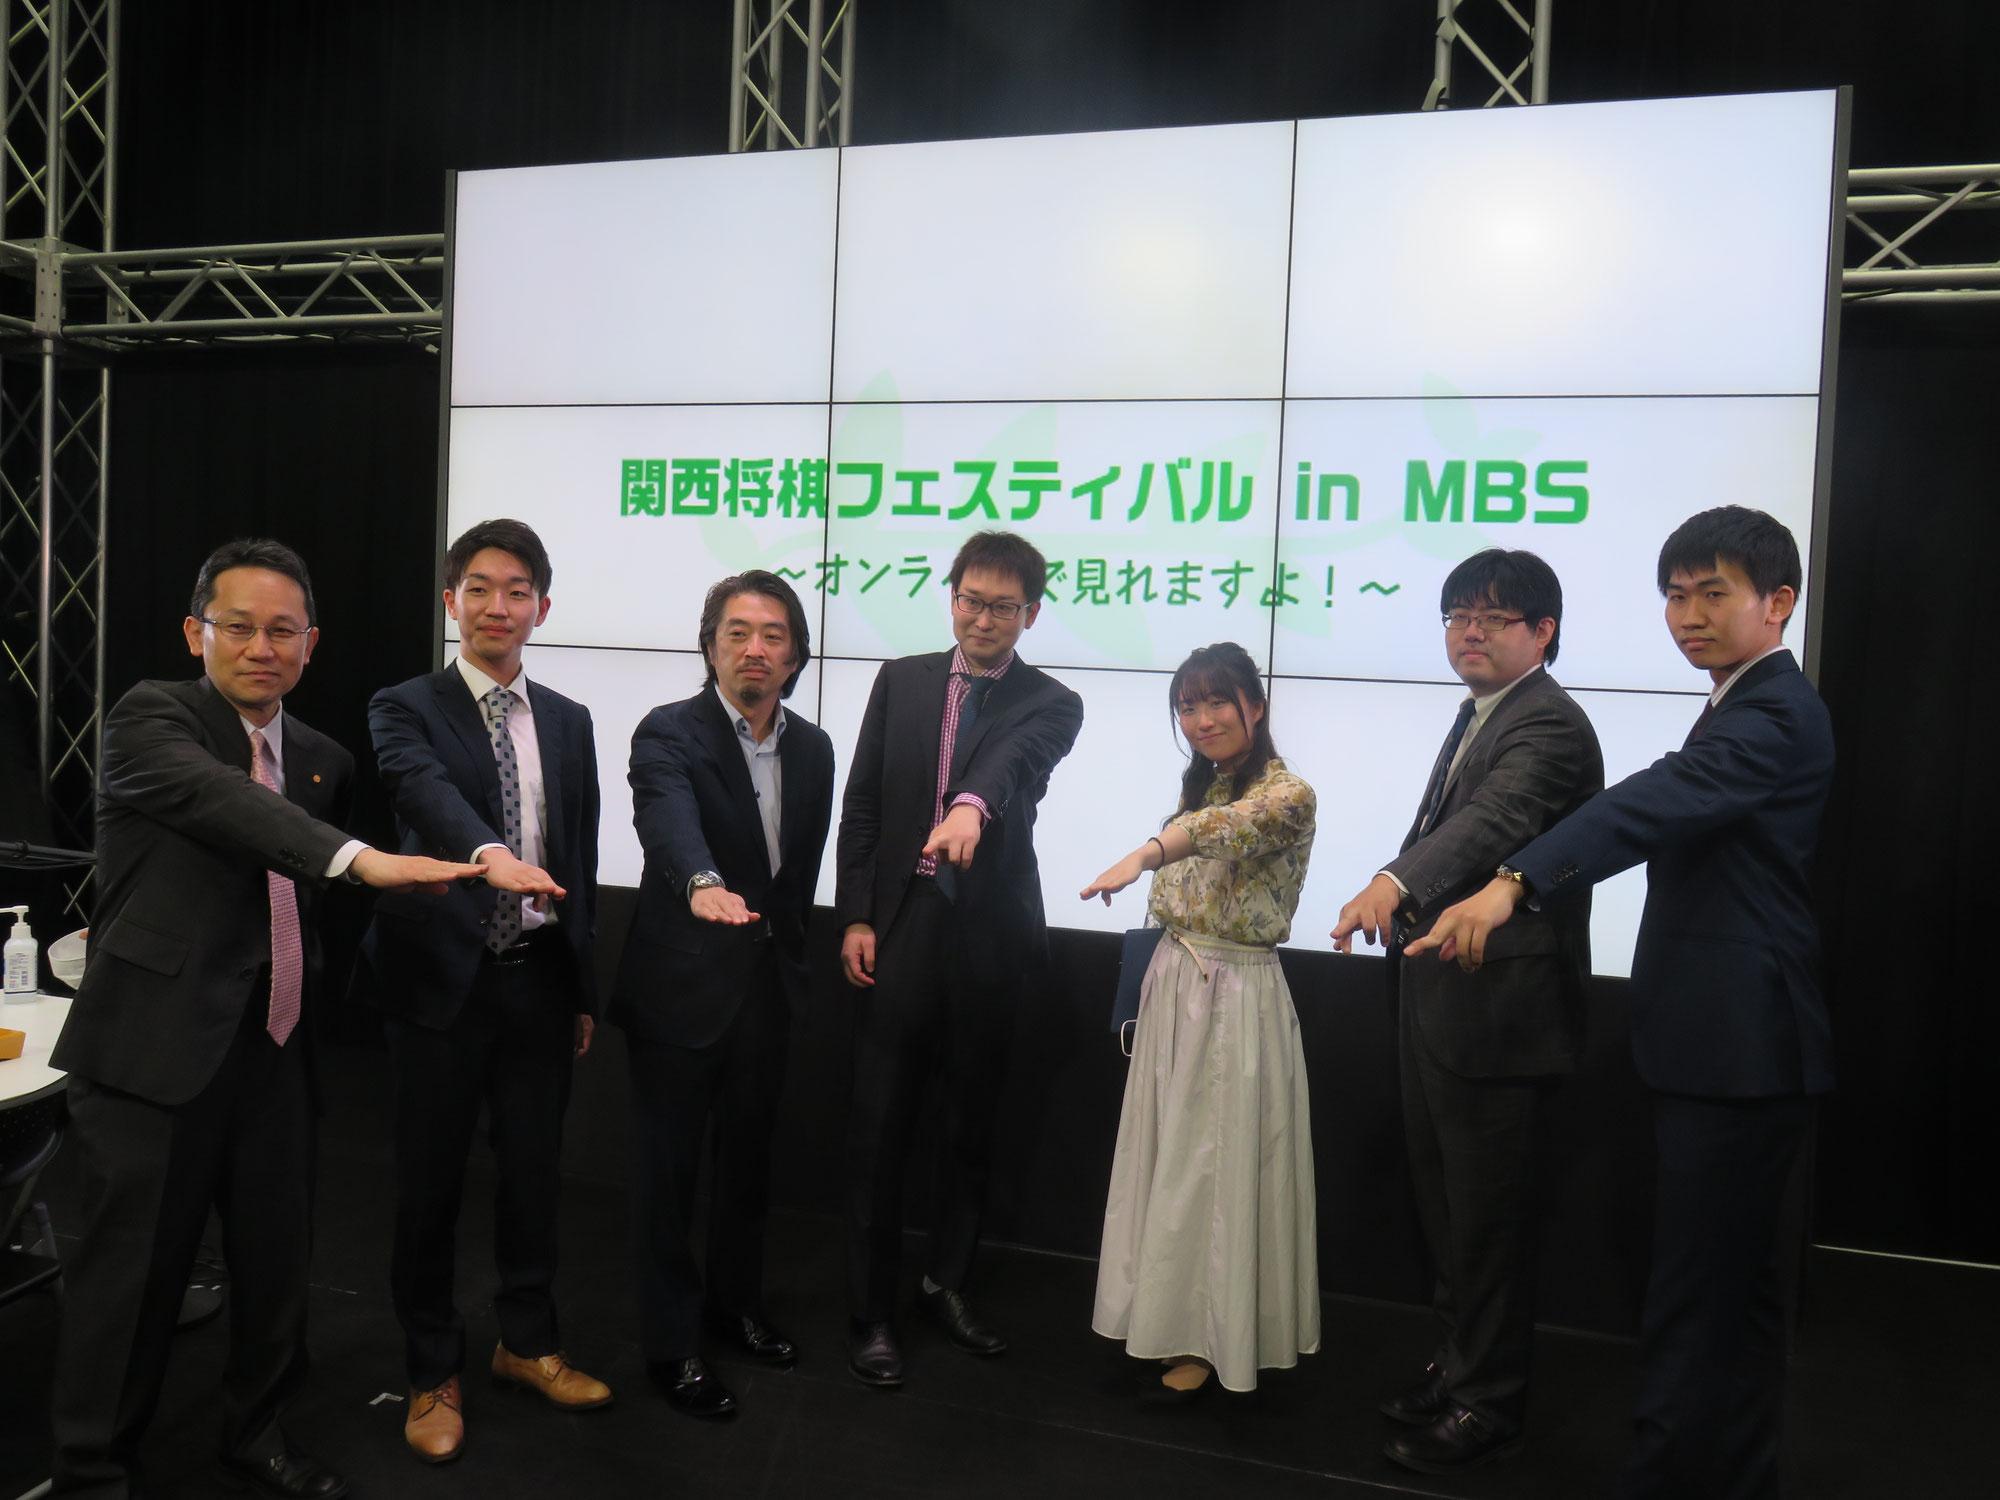 「関西将棋フェスティバルinMBS~オンラインで見れますよ!~」1日目開催報告